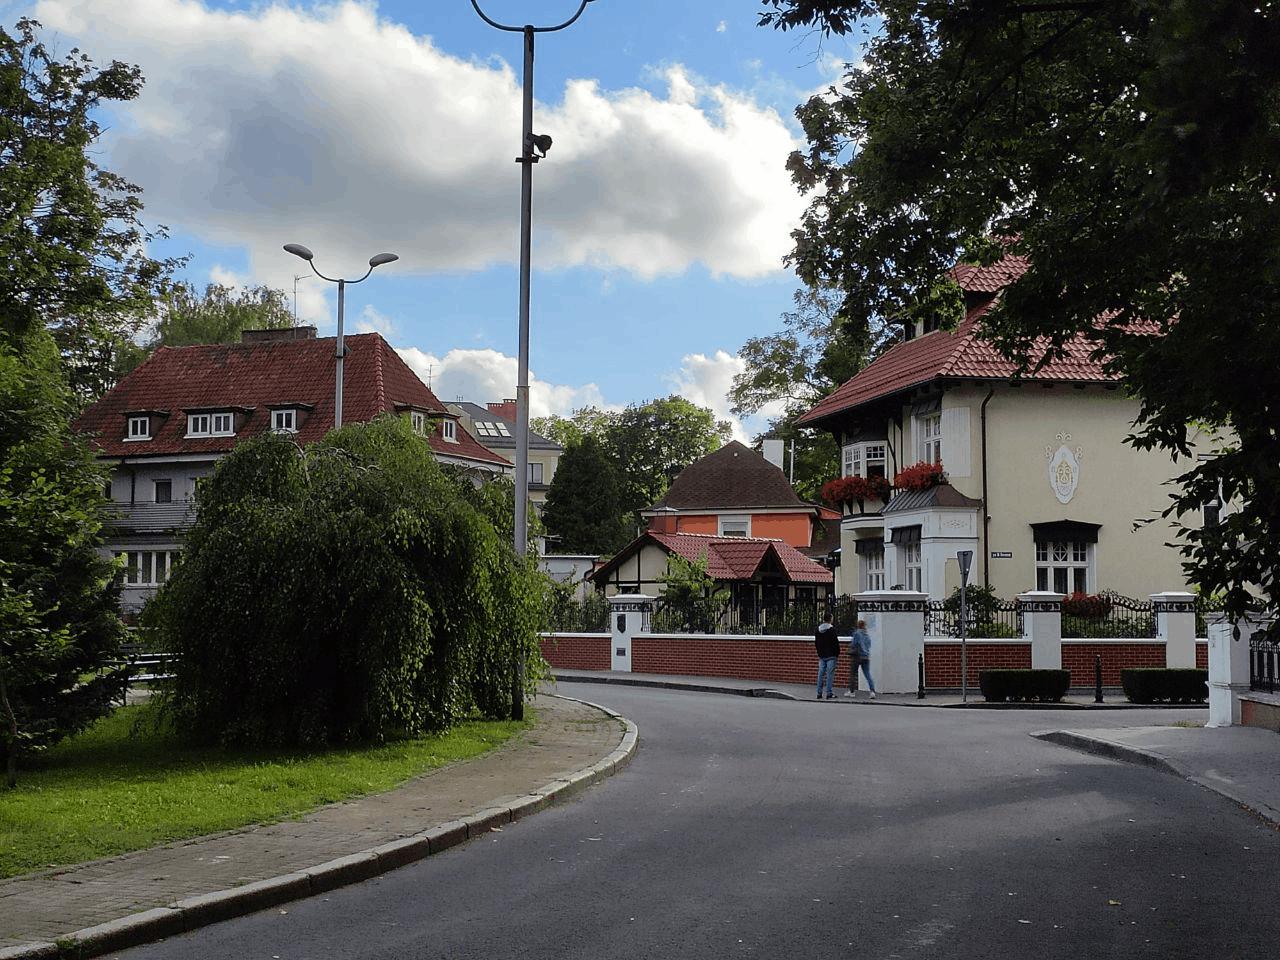 Районы Амалиенау и Хуфен. Гуляем по старому Кенигсберу